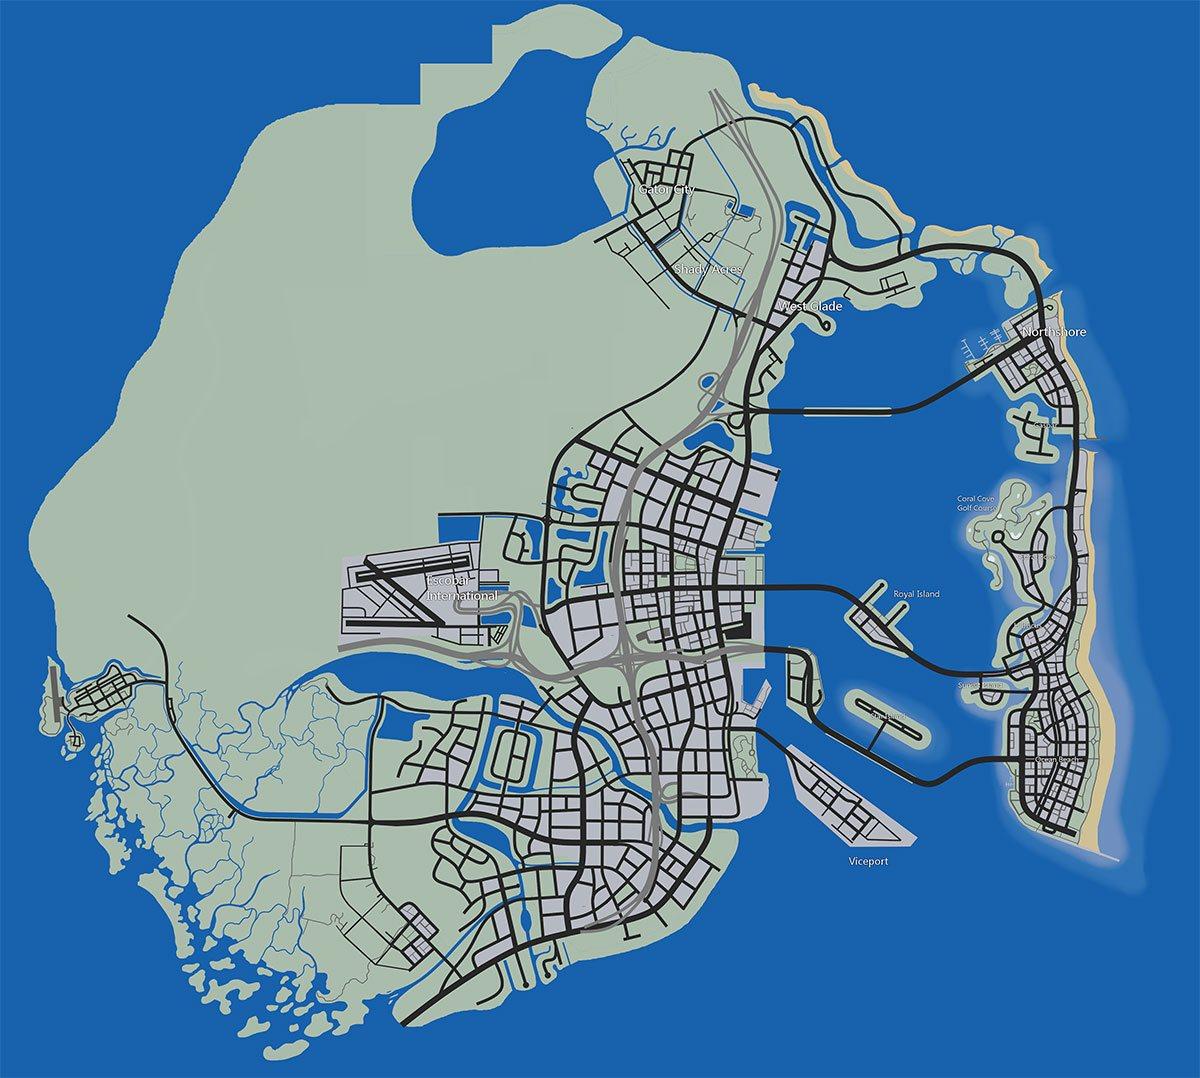 Le concept de map GTA 6 d'un fan